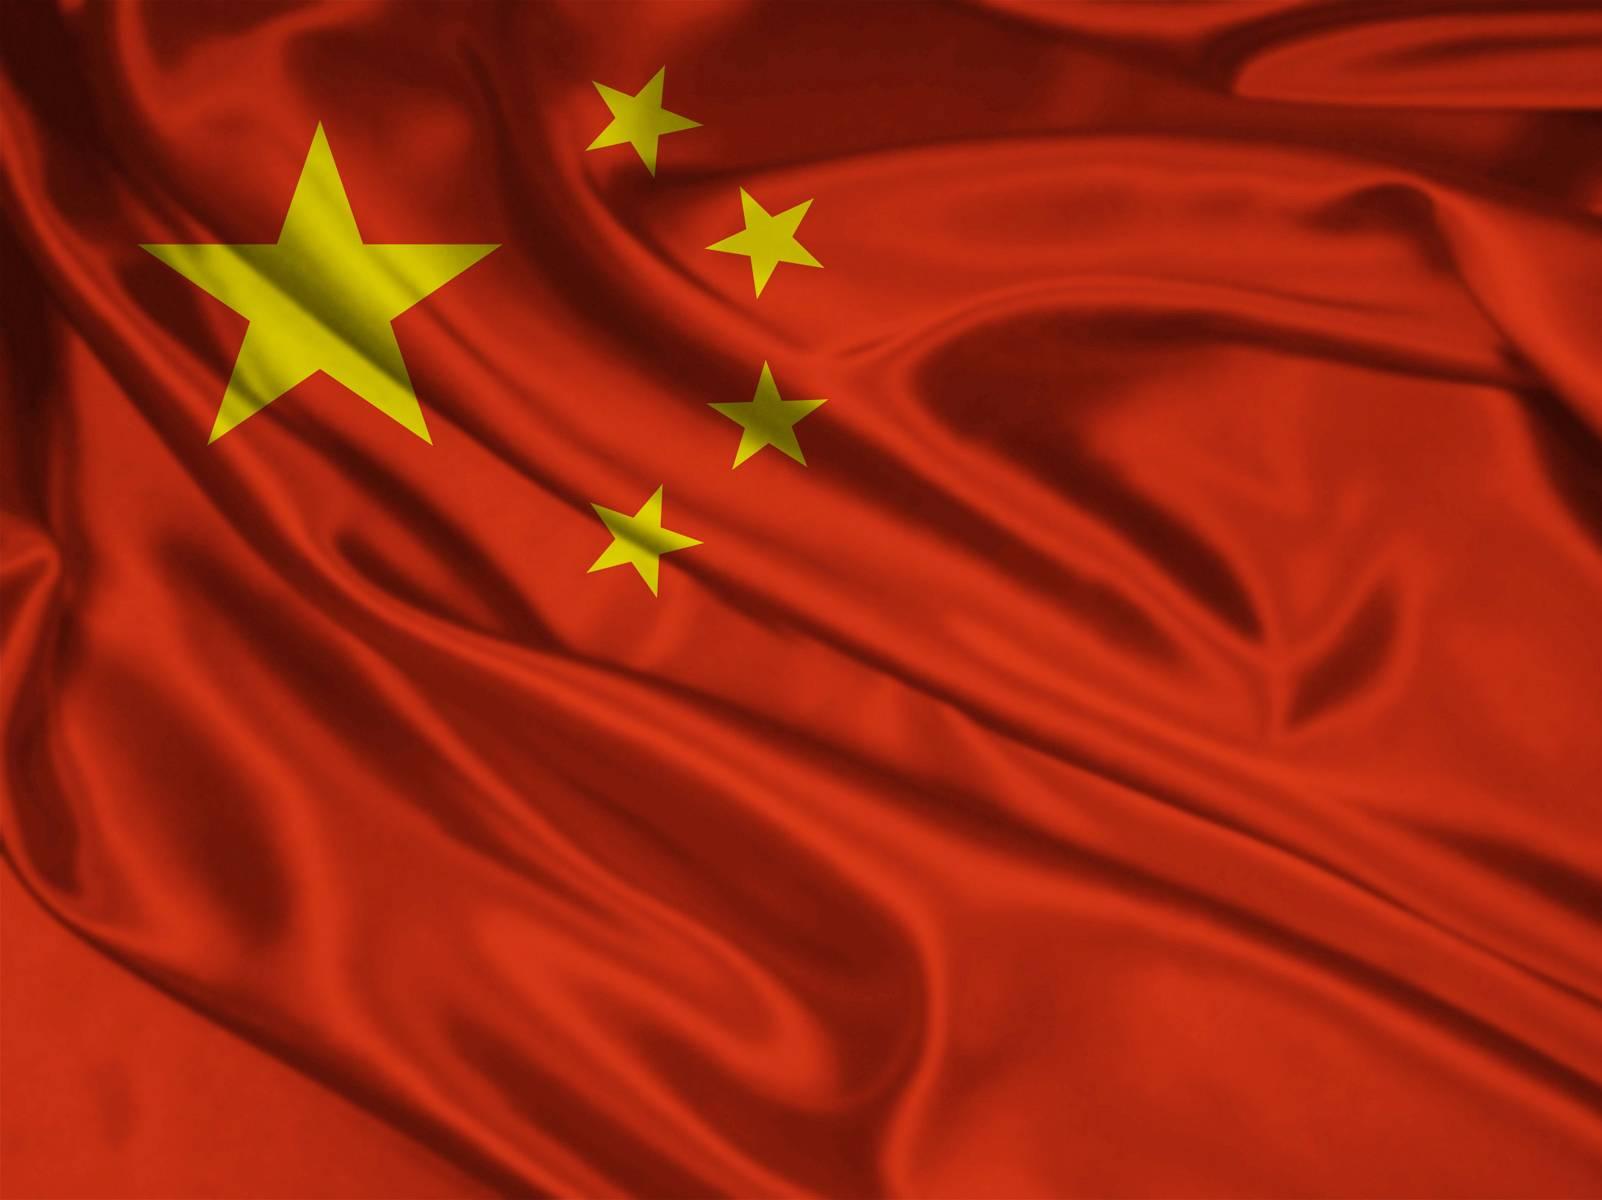 Mortes por gripe aviária na China sobem e podem virar pior surto da história